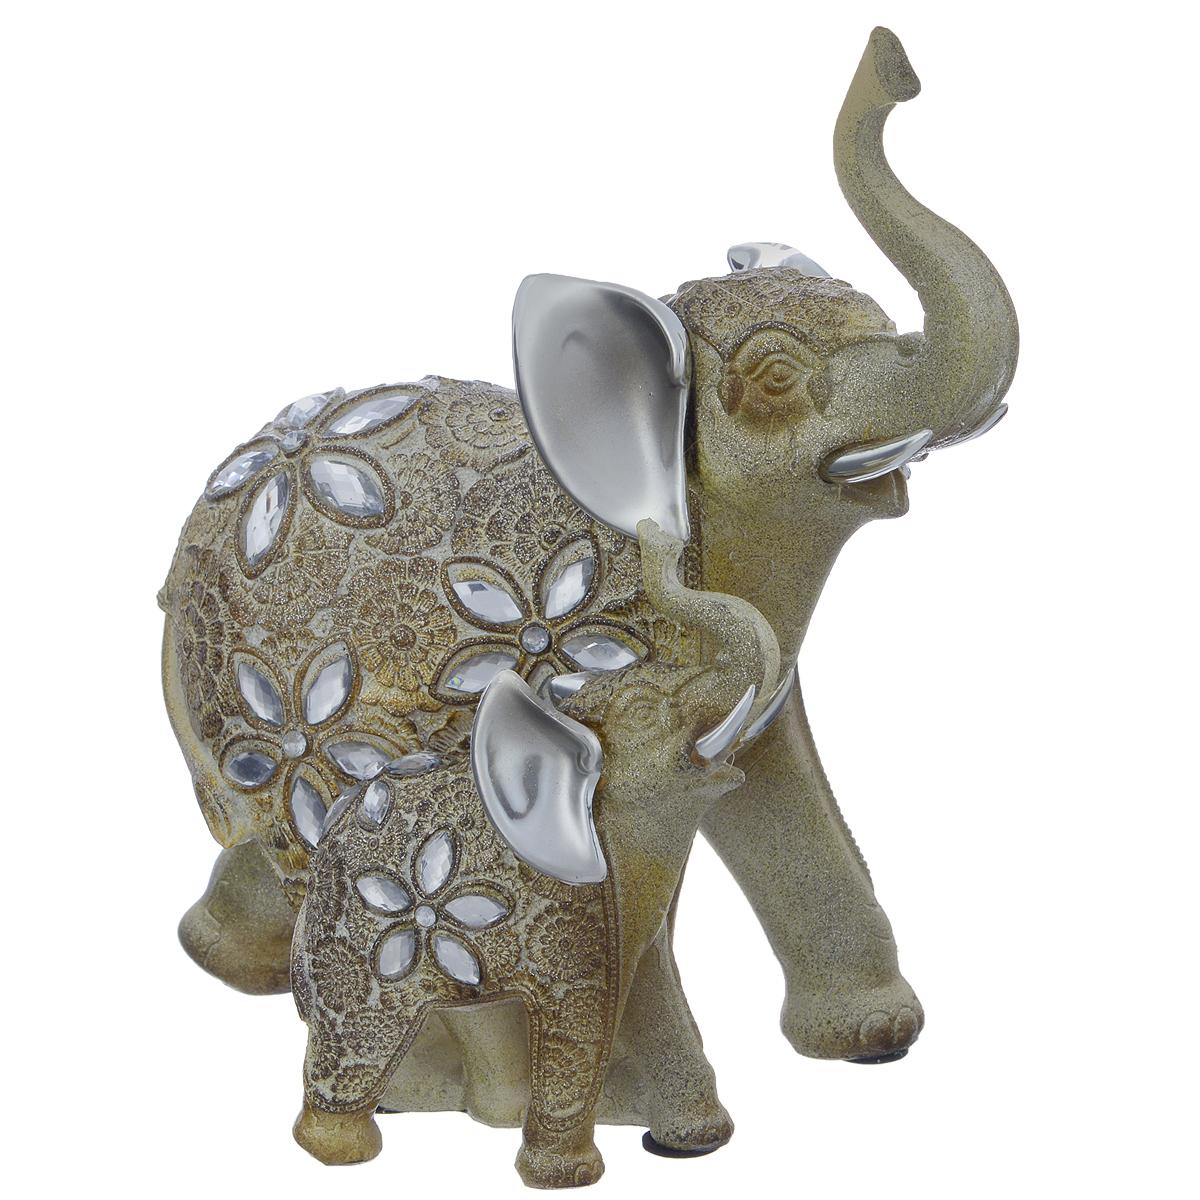 Фигурка декоративная Molento Блестящая семья, высота 21,5 смUP210DFДекоративная фигурка Molento Блестящая семья, выполненная из полистоуна, станет отличным украшением интерьера и подчеркнет его изысканность. Изделие, выполненное в виде двух слонов, украшено рельефными цветочными узорами и стразами. Такая фигурка всегда сможет послужить приятным подарком для ваших друзей и близких. Размер фигурки: 18,5 см х 11 см х 21,5 см.